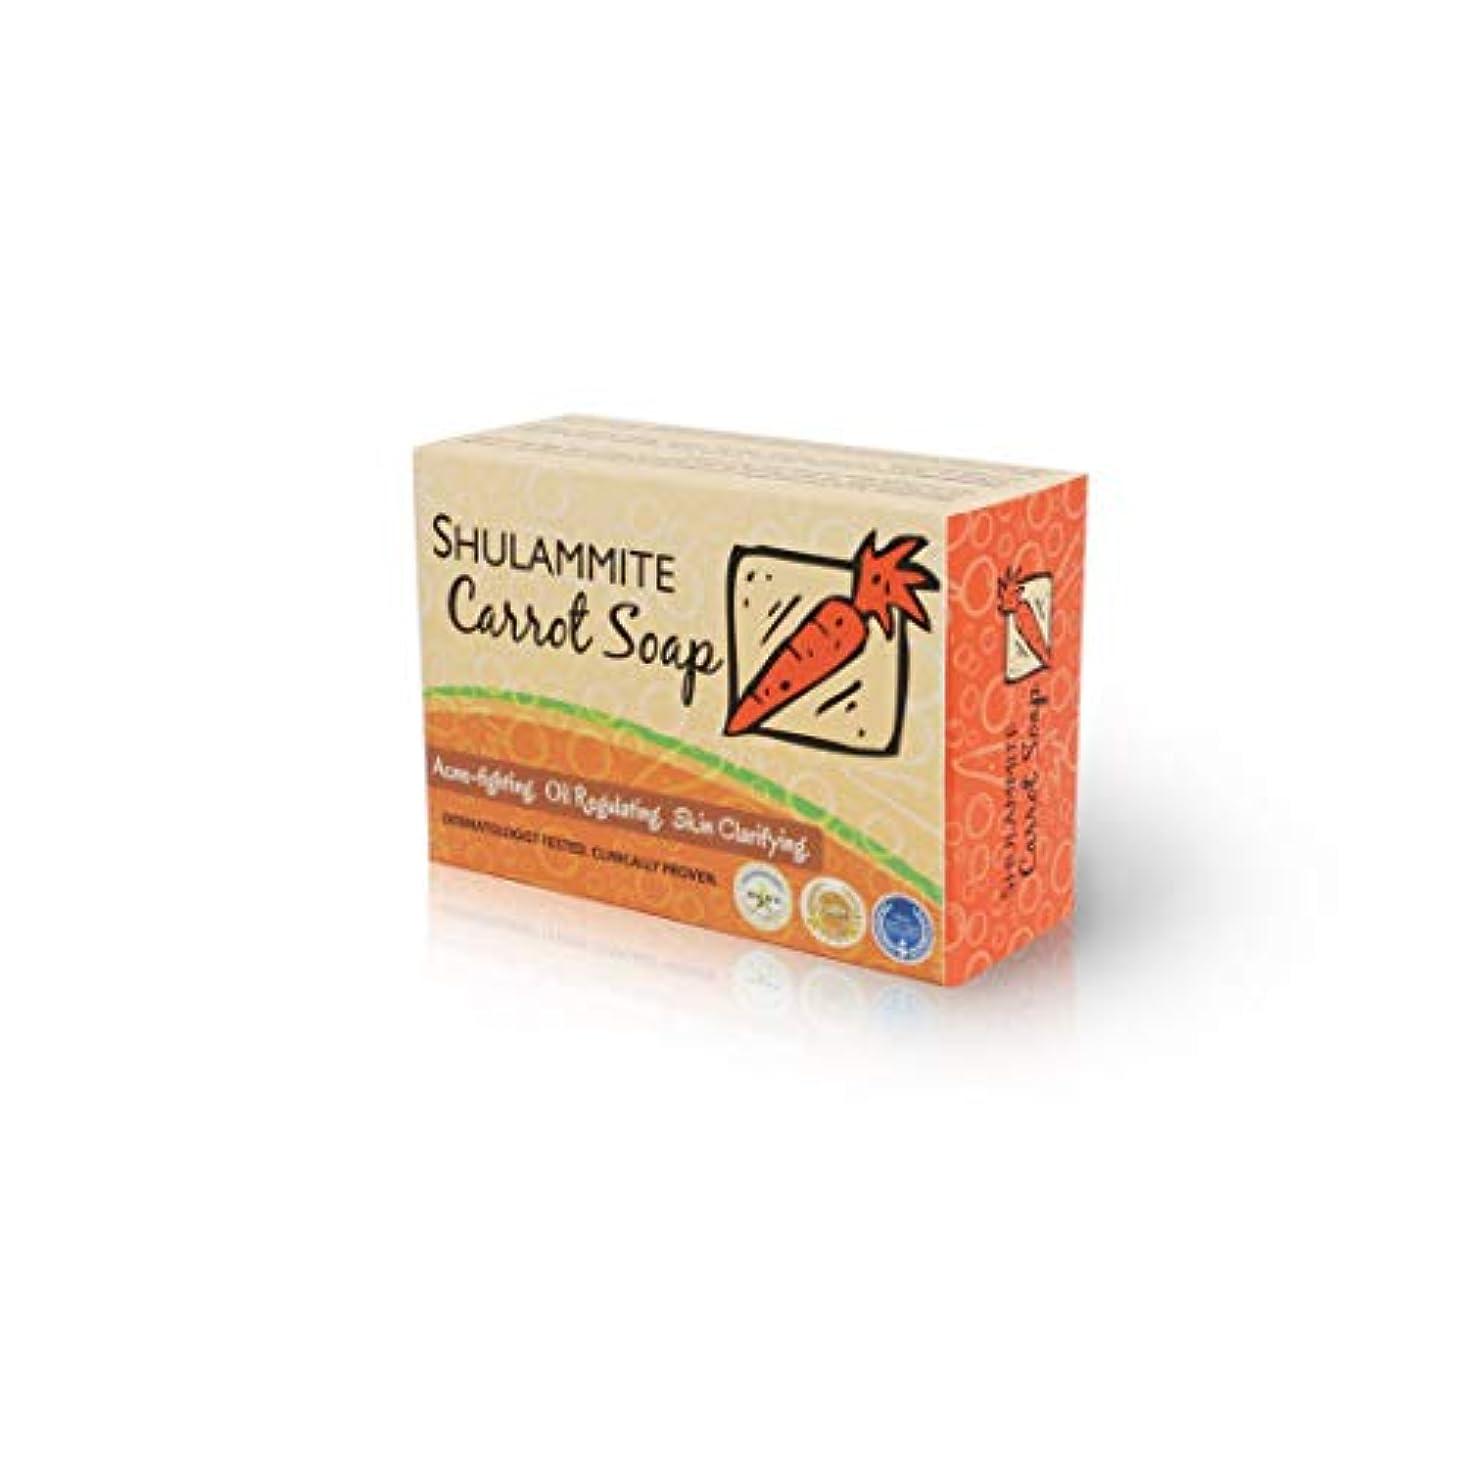 ズーム株式喜んでSHULAMMITE Carrot Soap キャロットソープ150g 正規輸入代理店 Harmony & Wellness Japan distributor! Exclusive contract with manufacturer